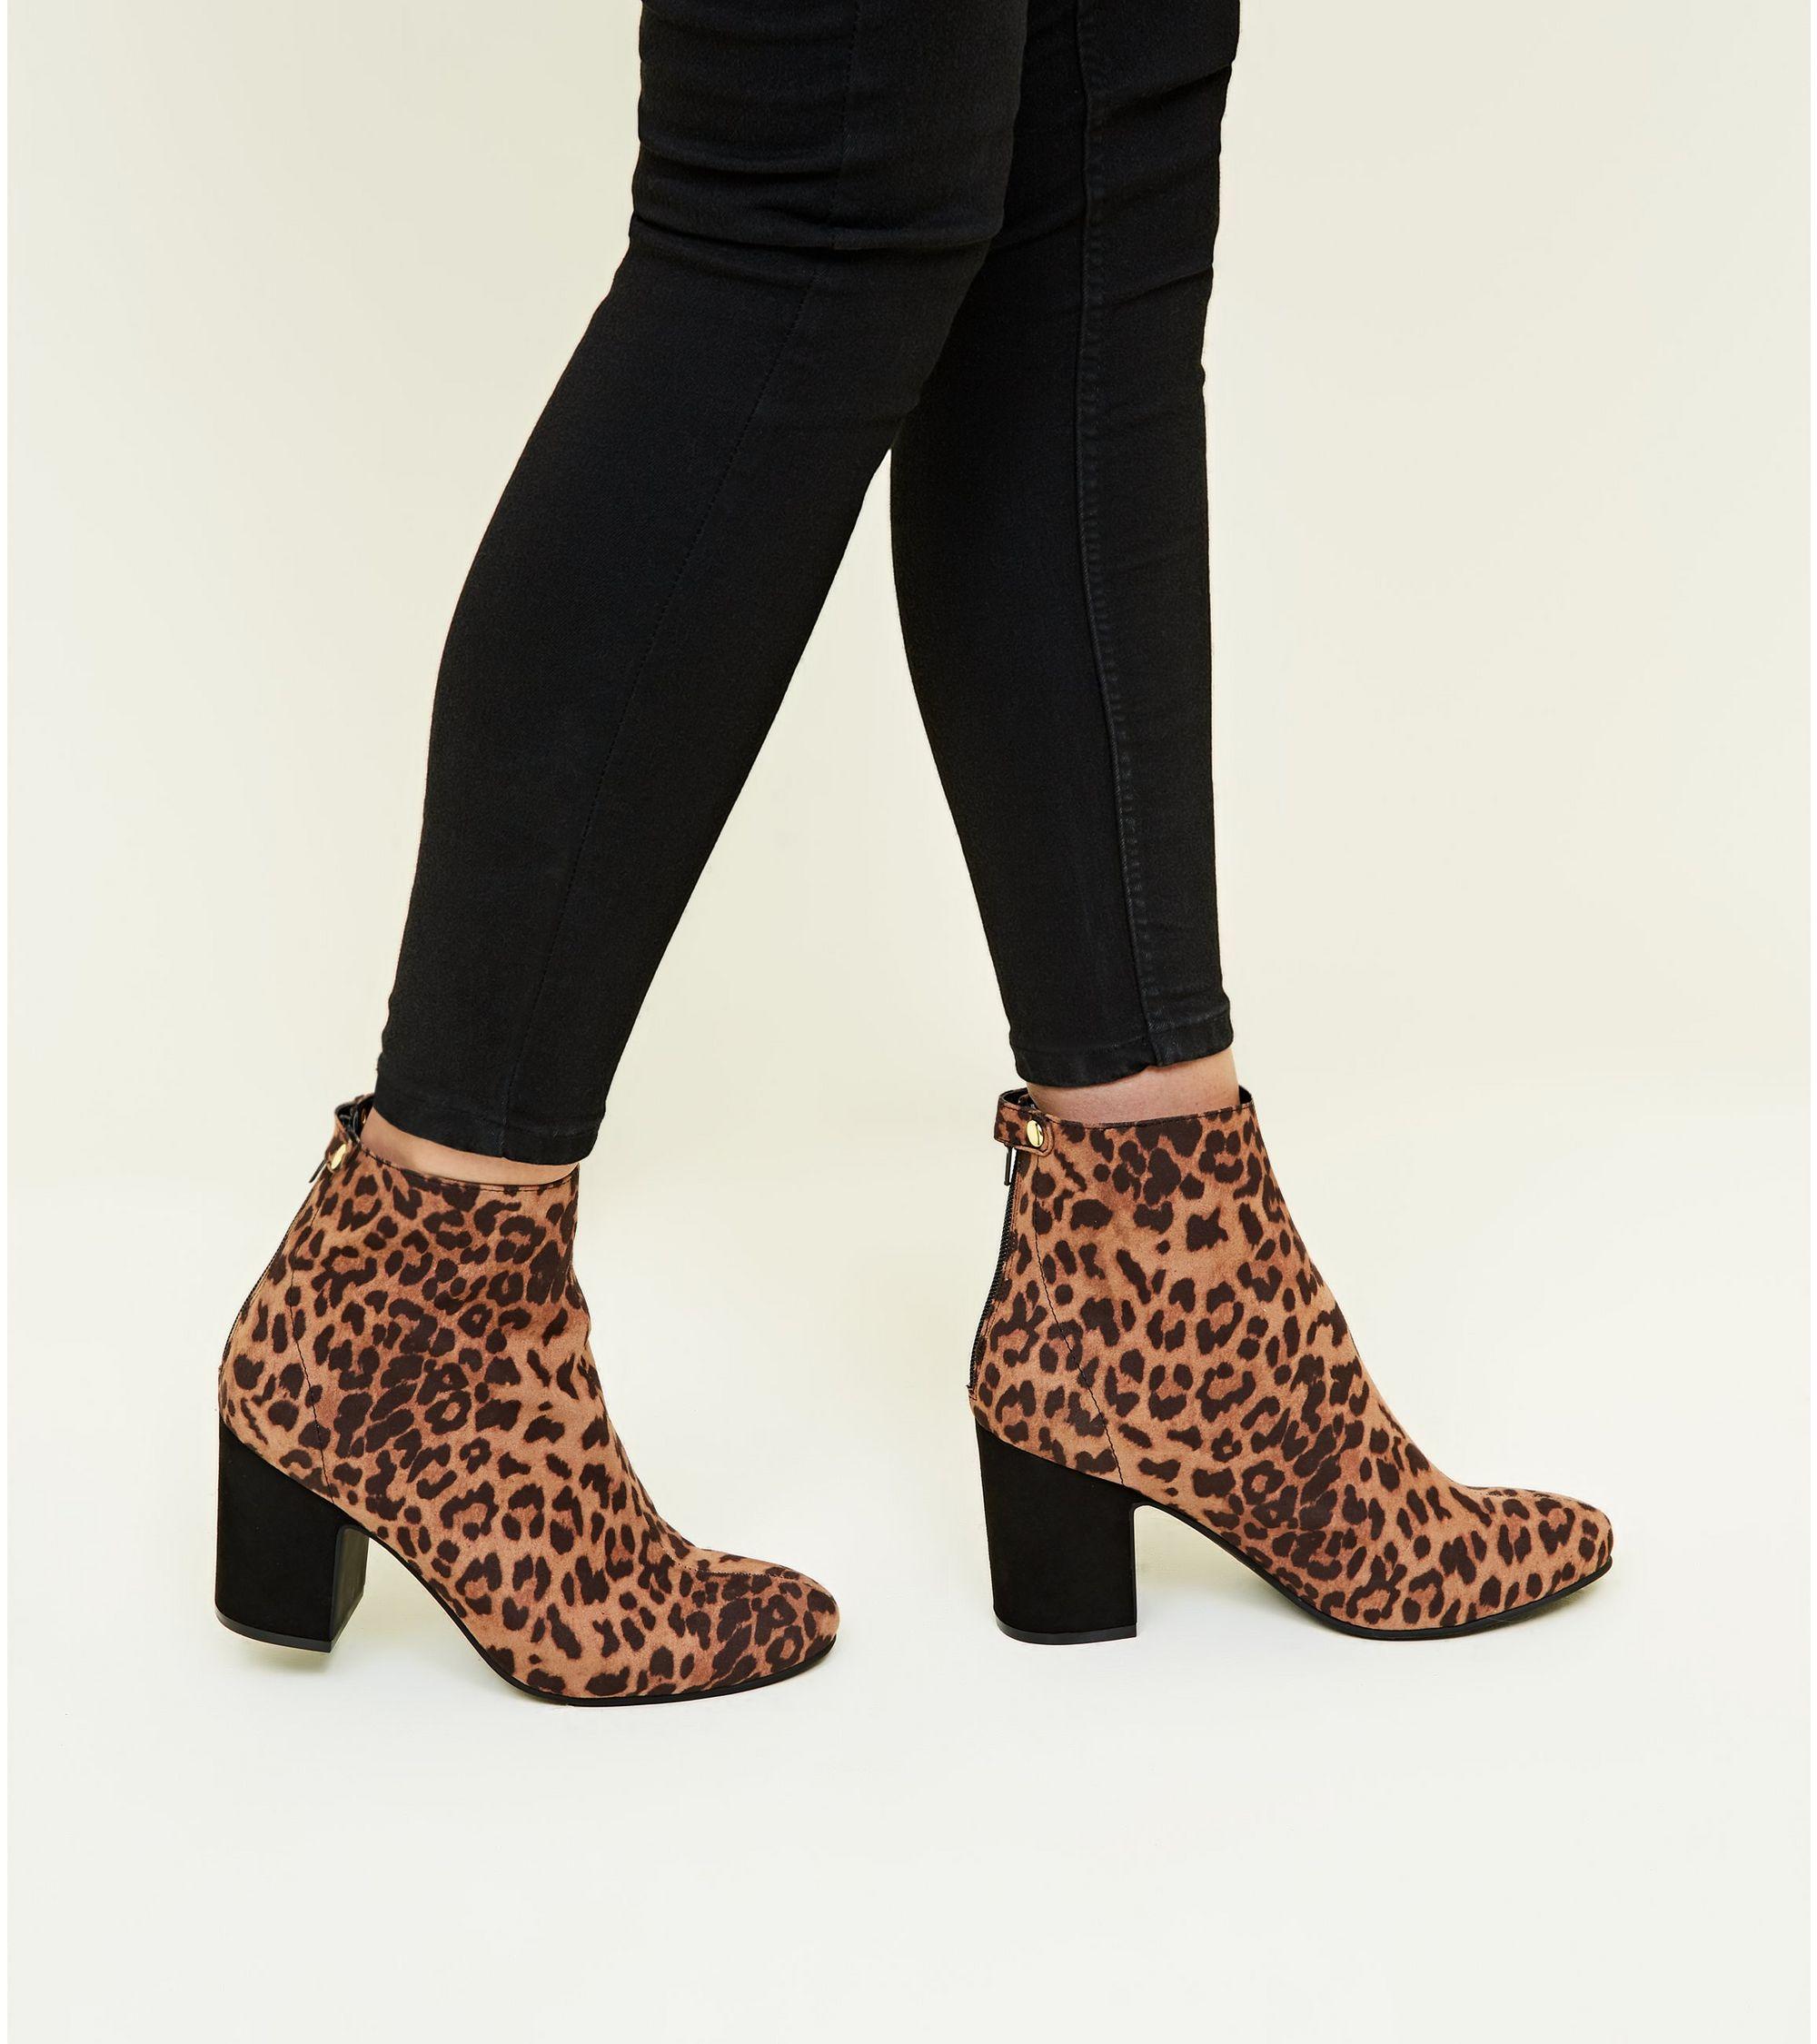 fadb03e01074 New Look Tan Leopard Print Block Heel Ankle Boots at £20